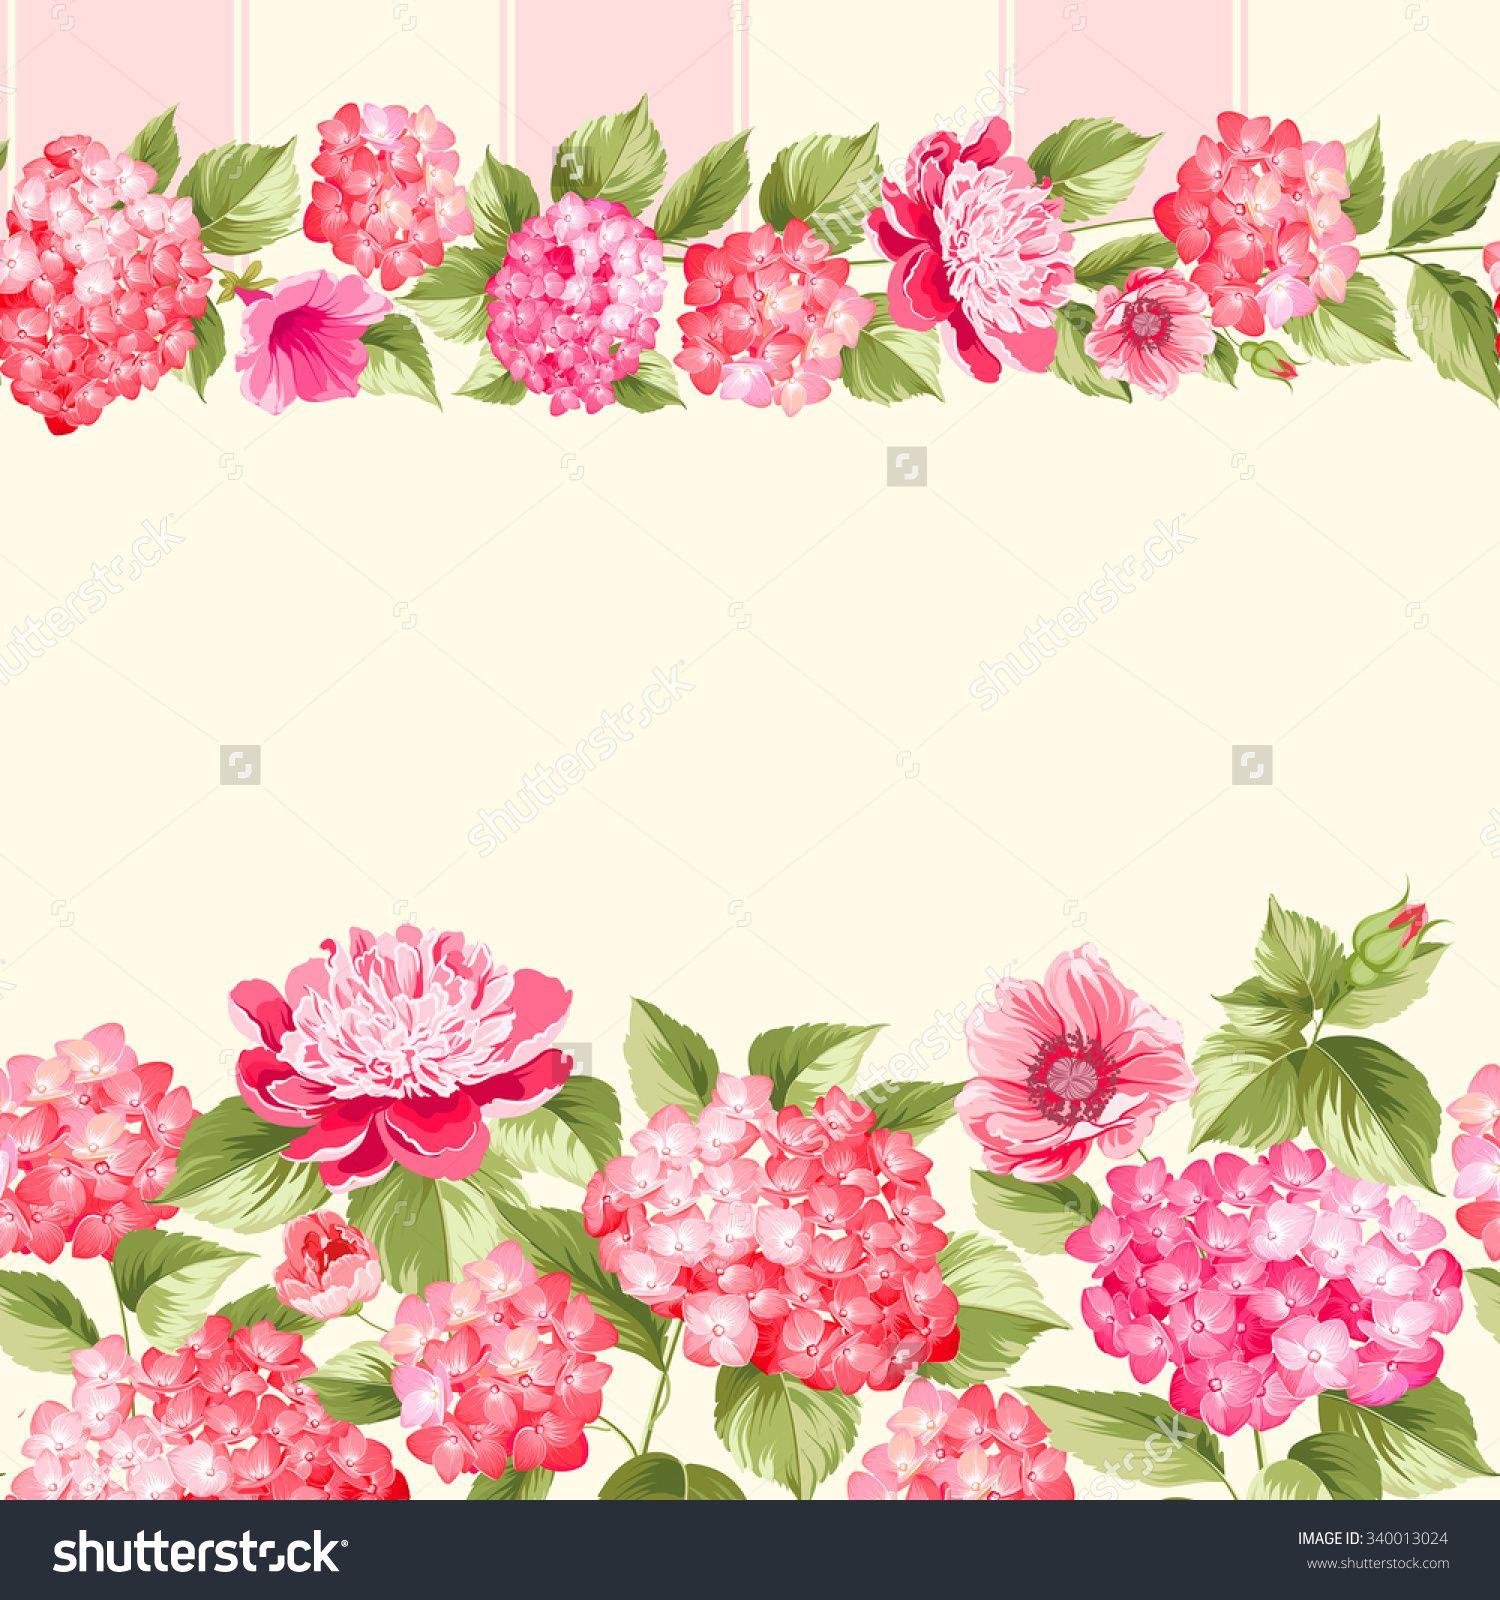 Pink Flower Border With Tile. Elegant Vintage Card Design